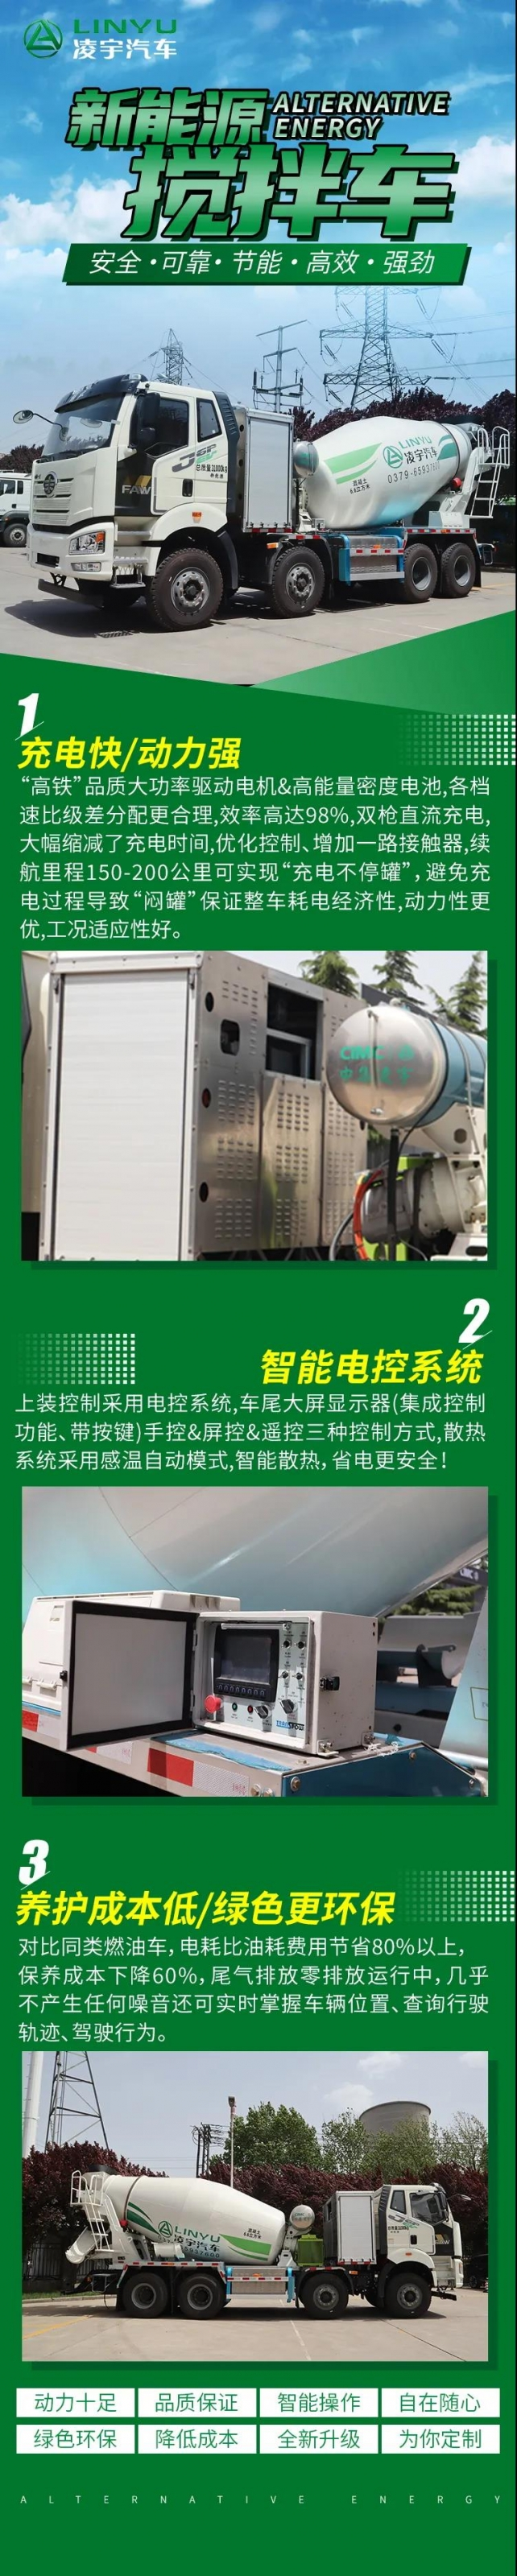 绿色领航,凌宇先行:新能源搅拌车引领电动新时代